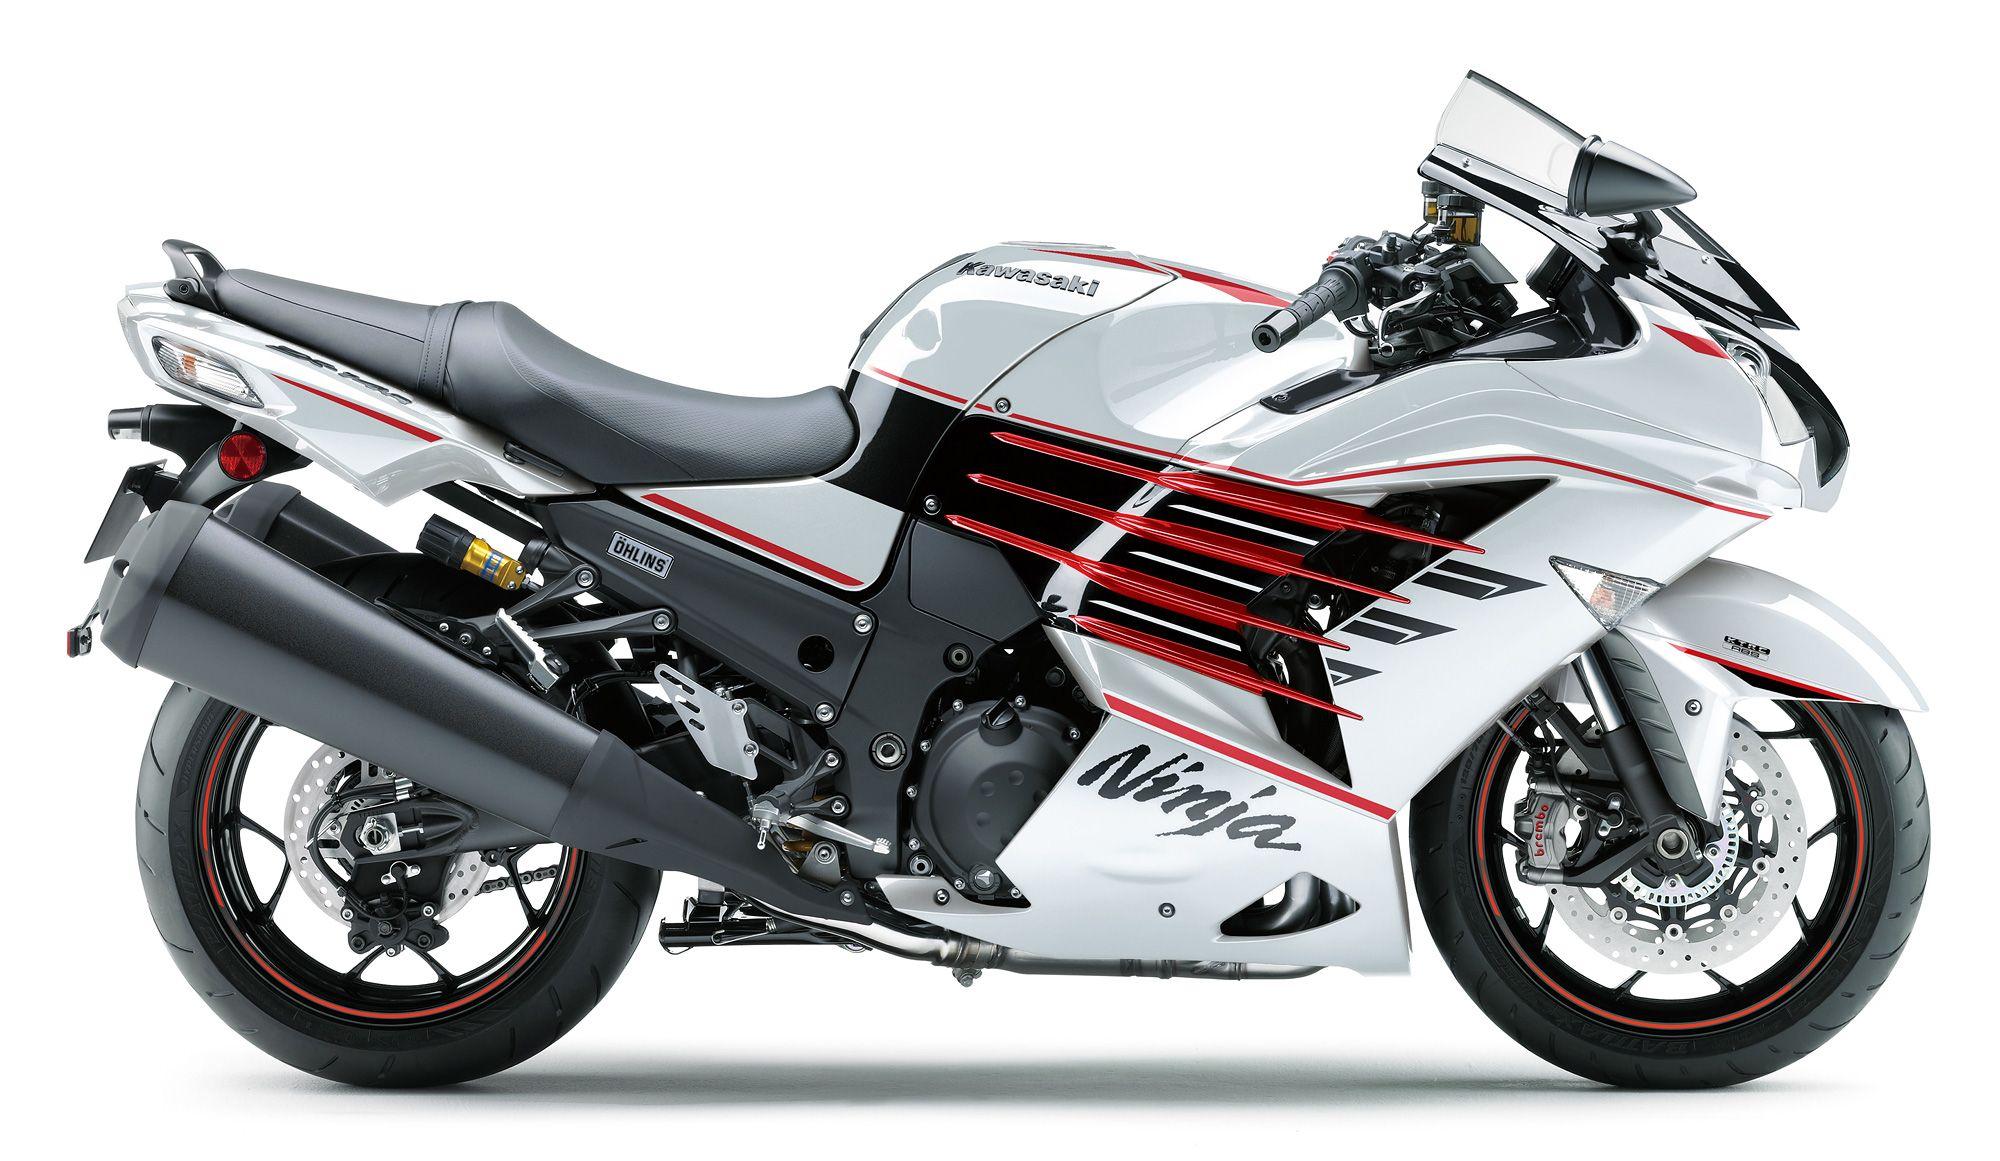 2020年モデル Ninja Zx 14r High Grade Kawasaki Motorcycles Motorcycle Kawasaki